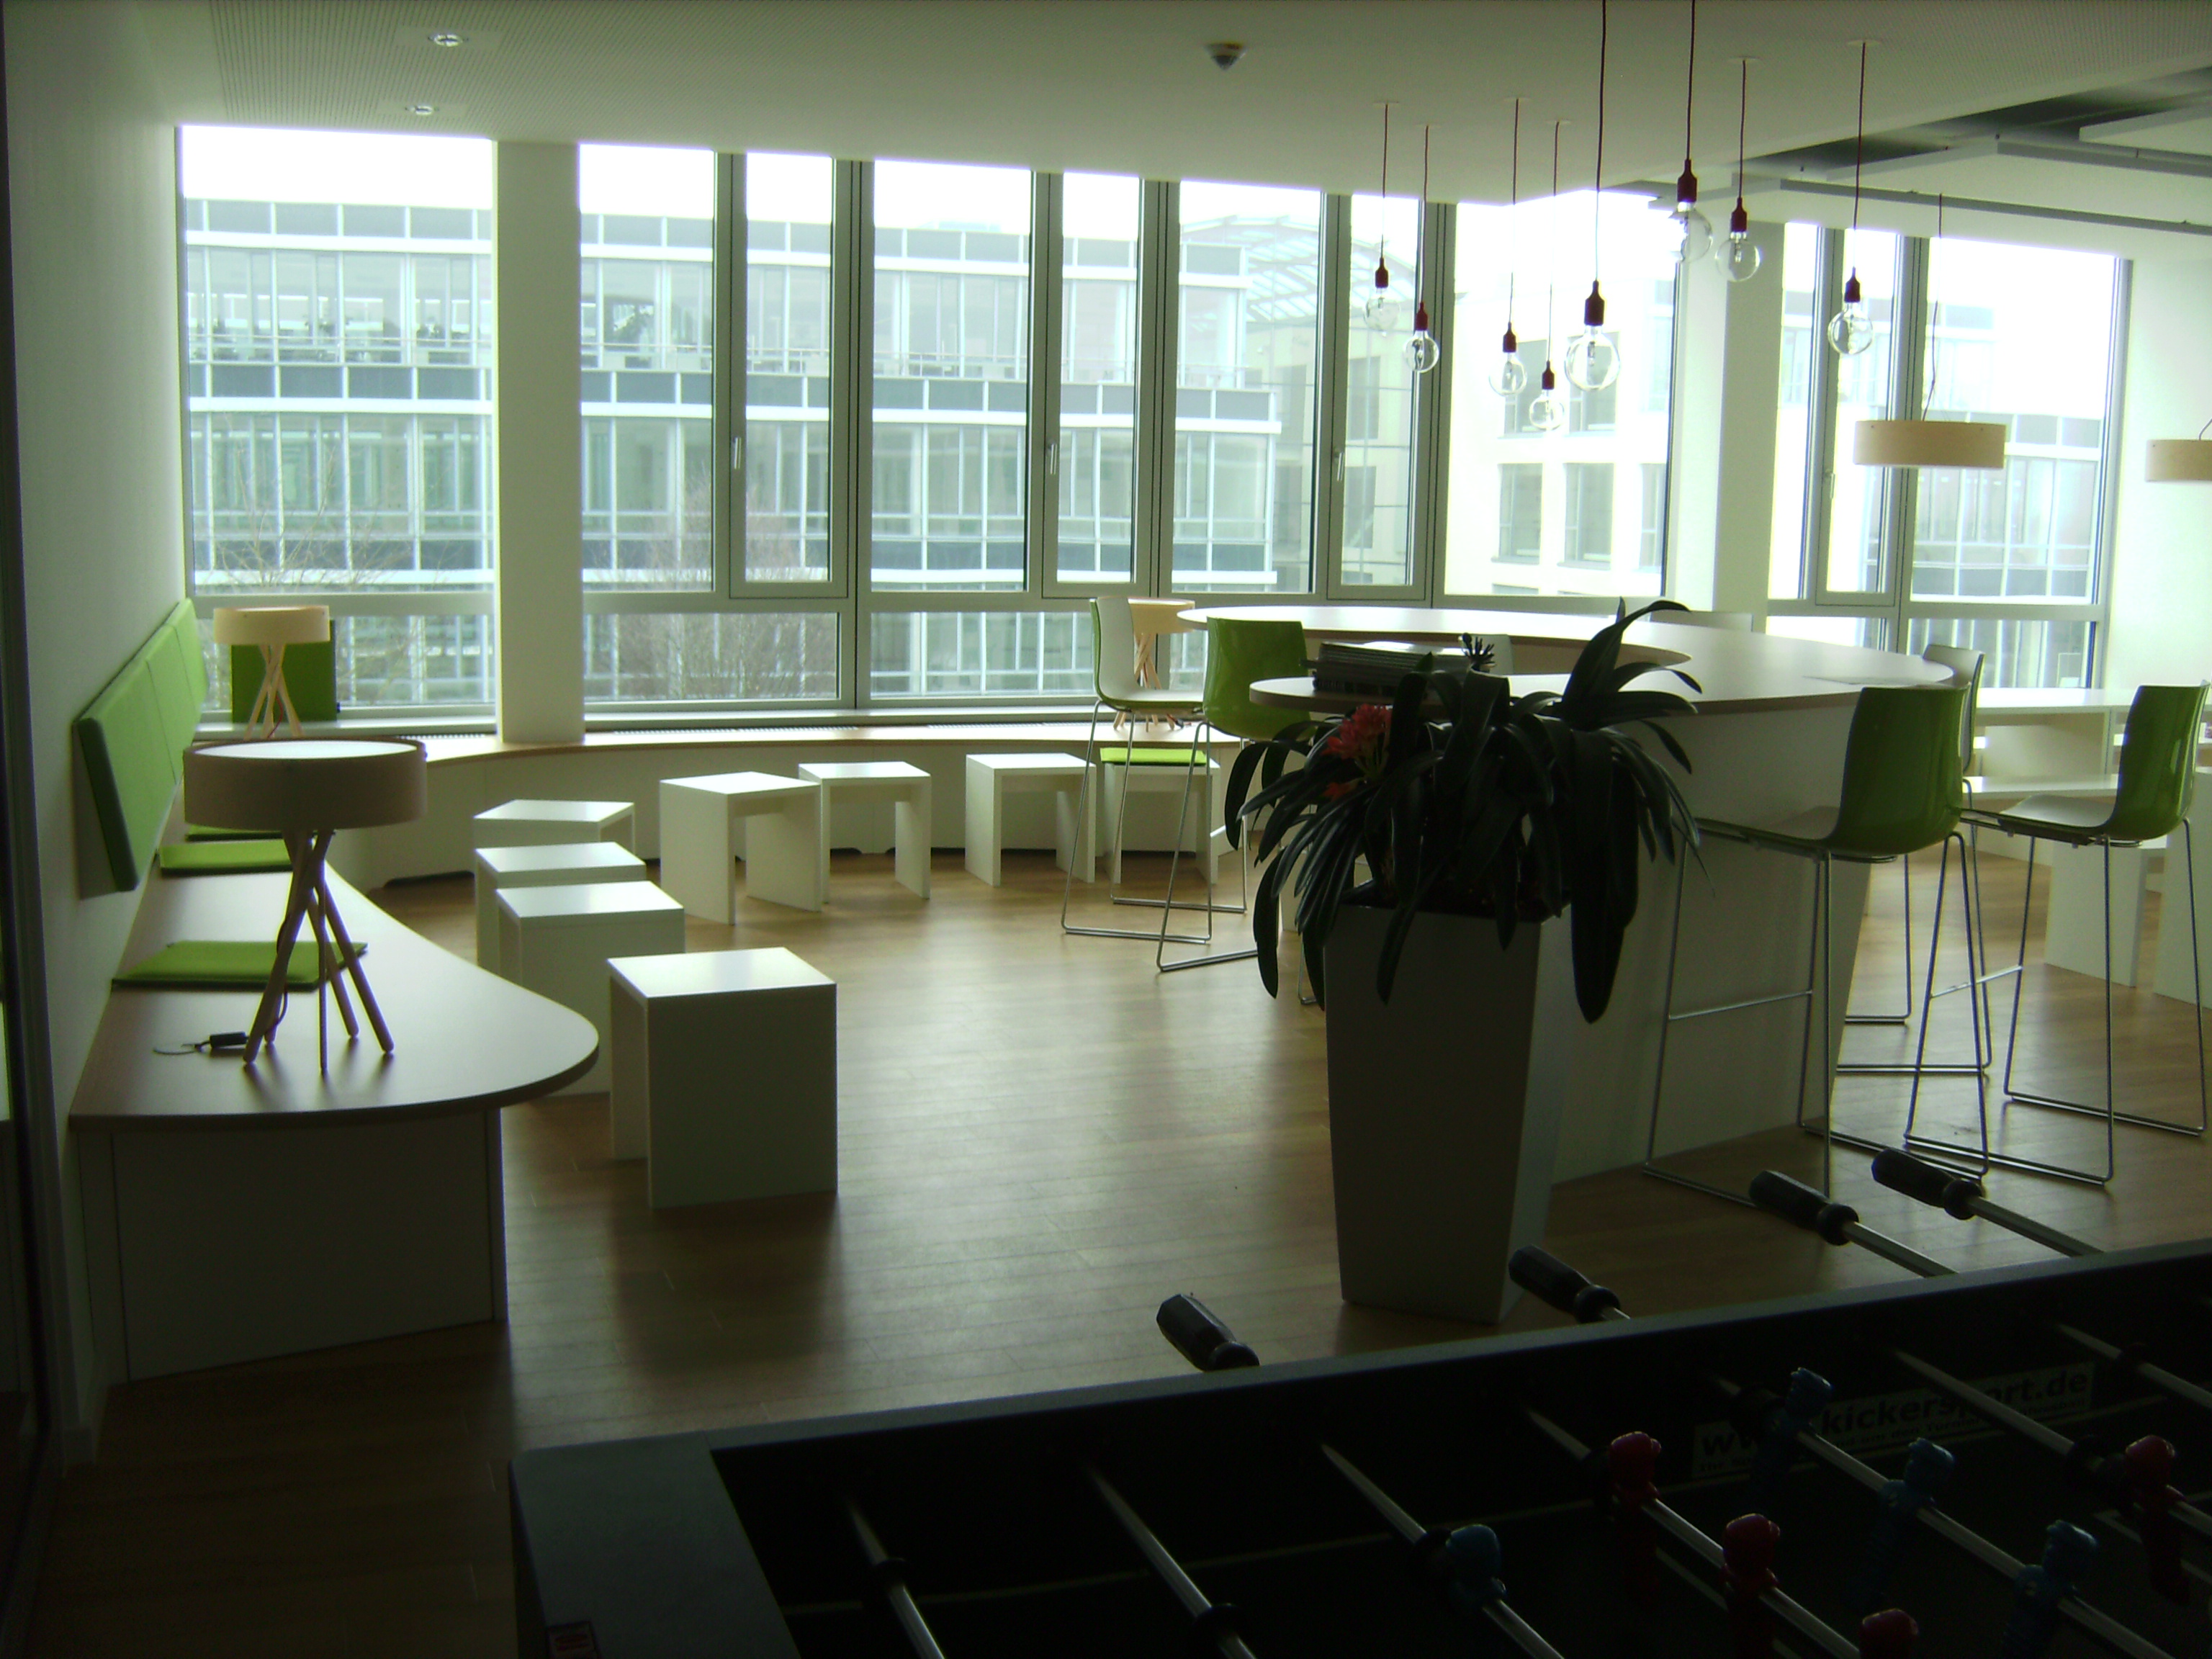 Kantine mit Sitzbänken und Stehtischen vom TÜV SÜD